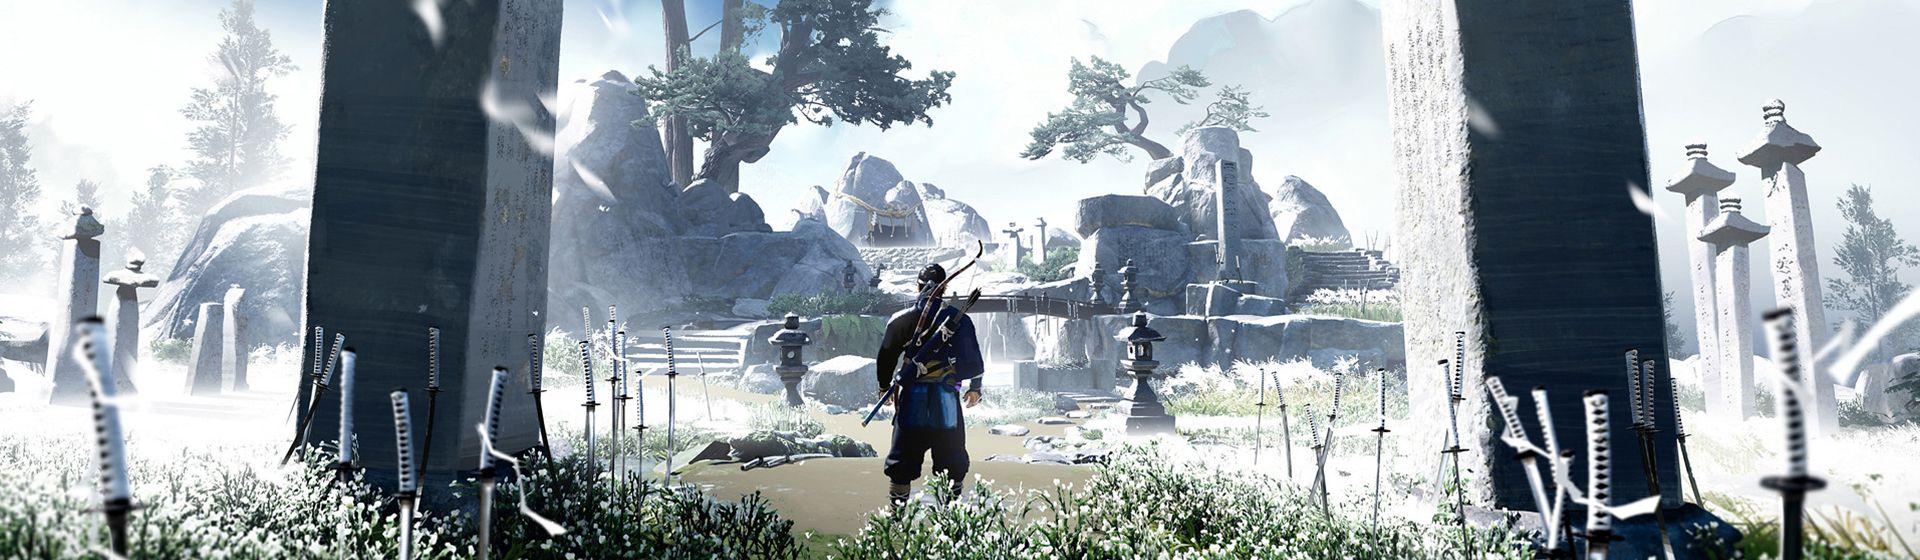 Os melhores jogos de ação e aventura em 2021 para consoles e PC